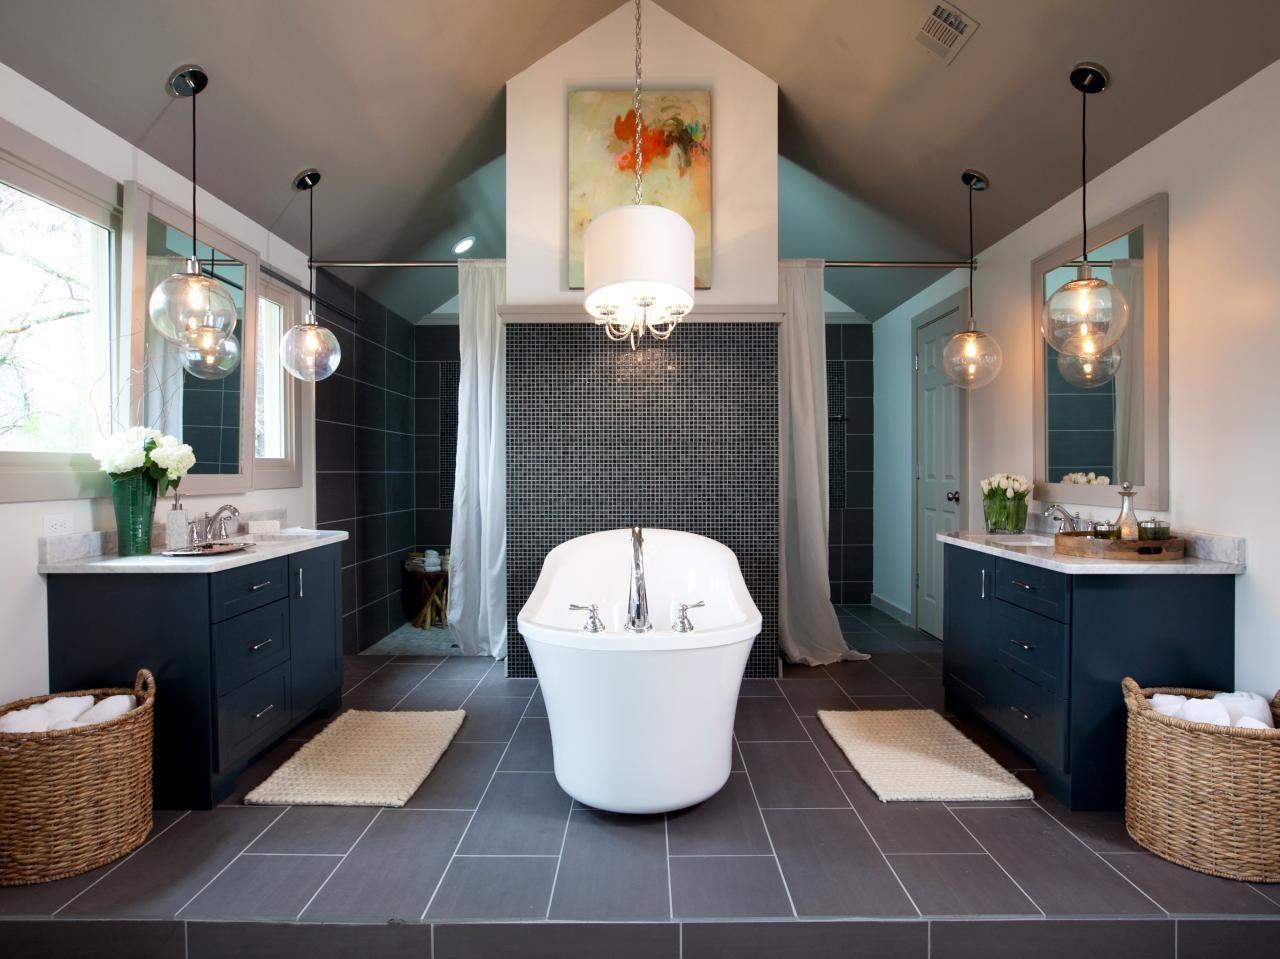 Toilet Verlichting Ideeen : Wc ruimte ideeen yf u aboriginaltourismontario